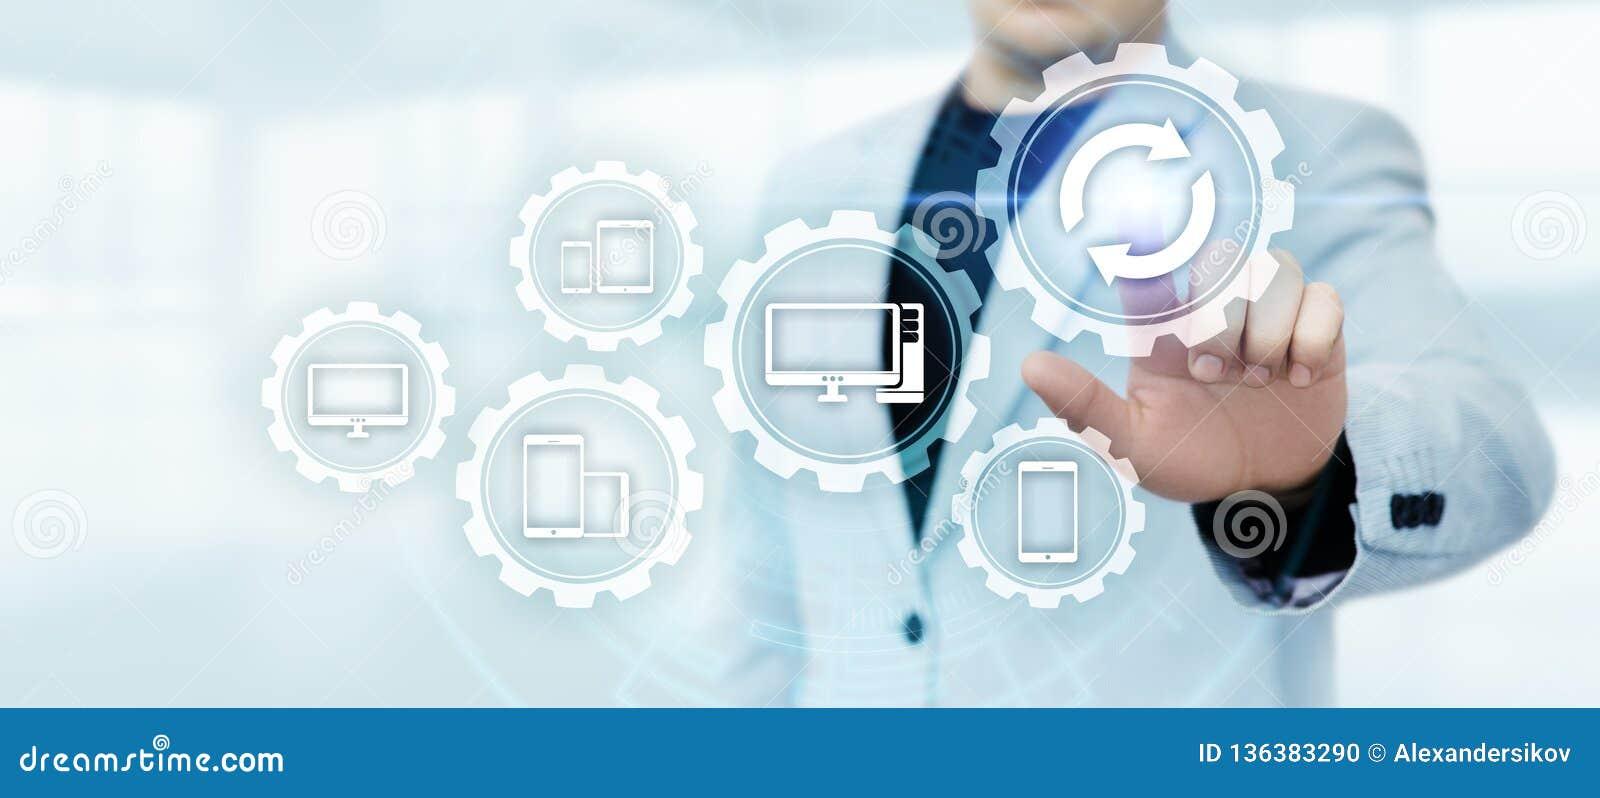 Concepto de Internet de la tecnología del negocio de la mejora del programa de computadora del software de la actualización